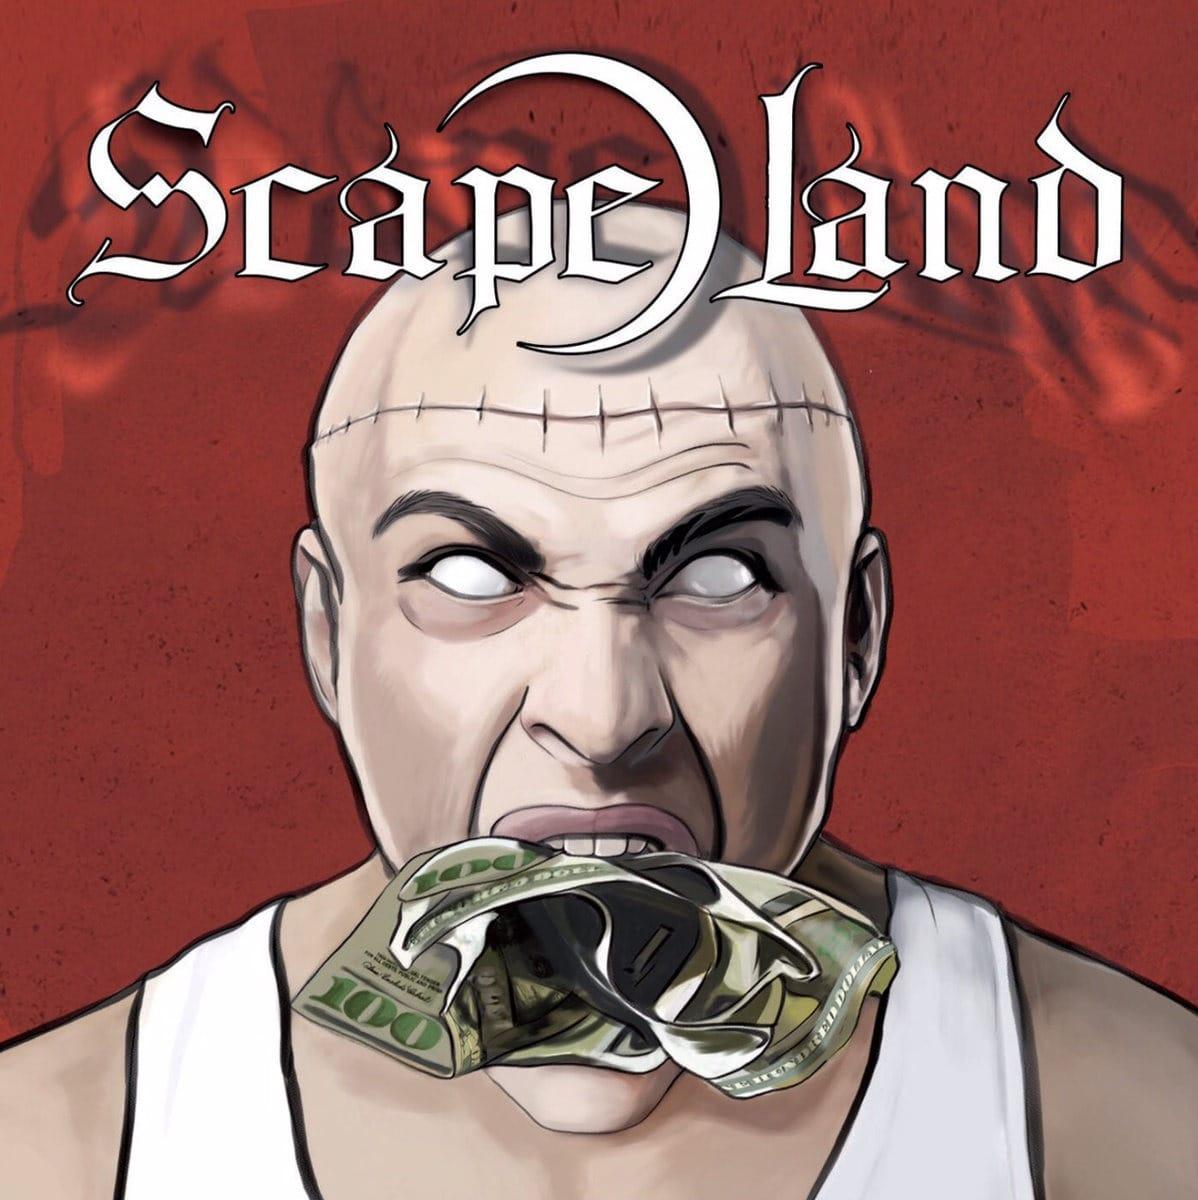 SCAPE LAND – Scape Land, 2015